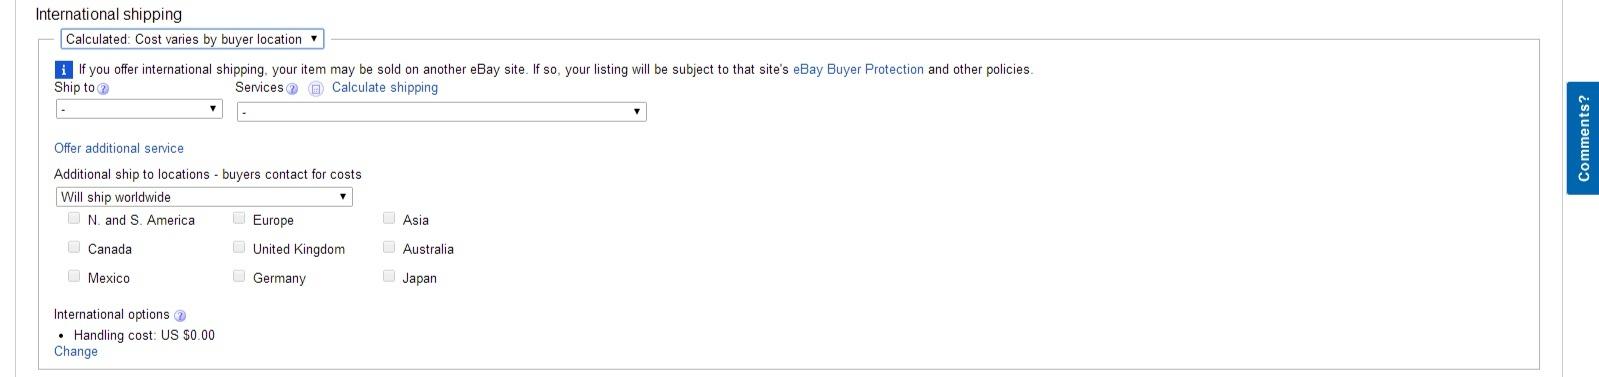 ebay international shipping